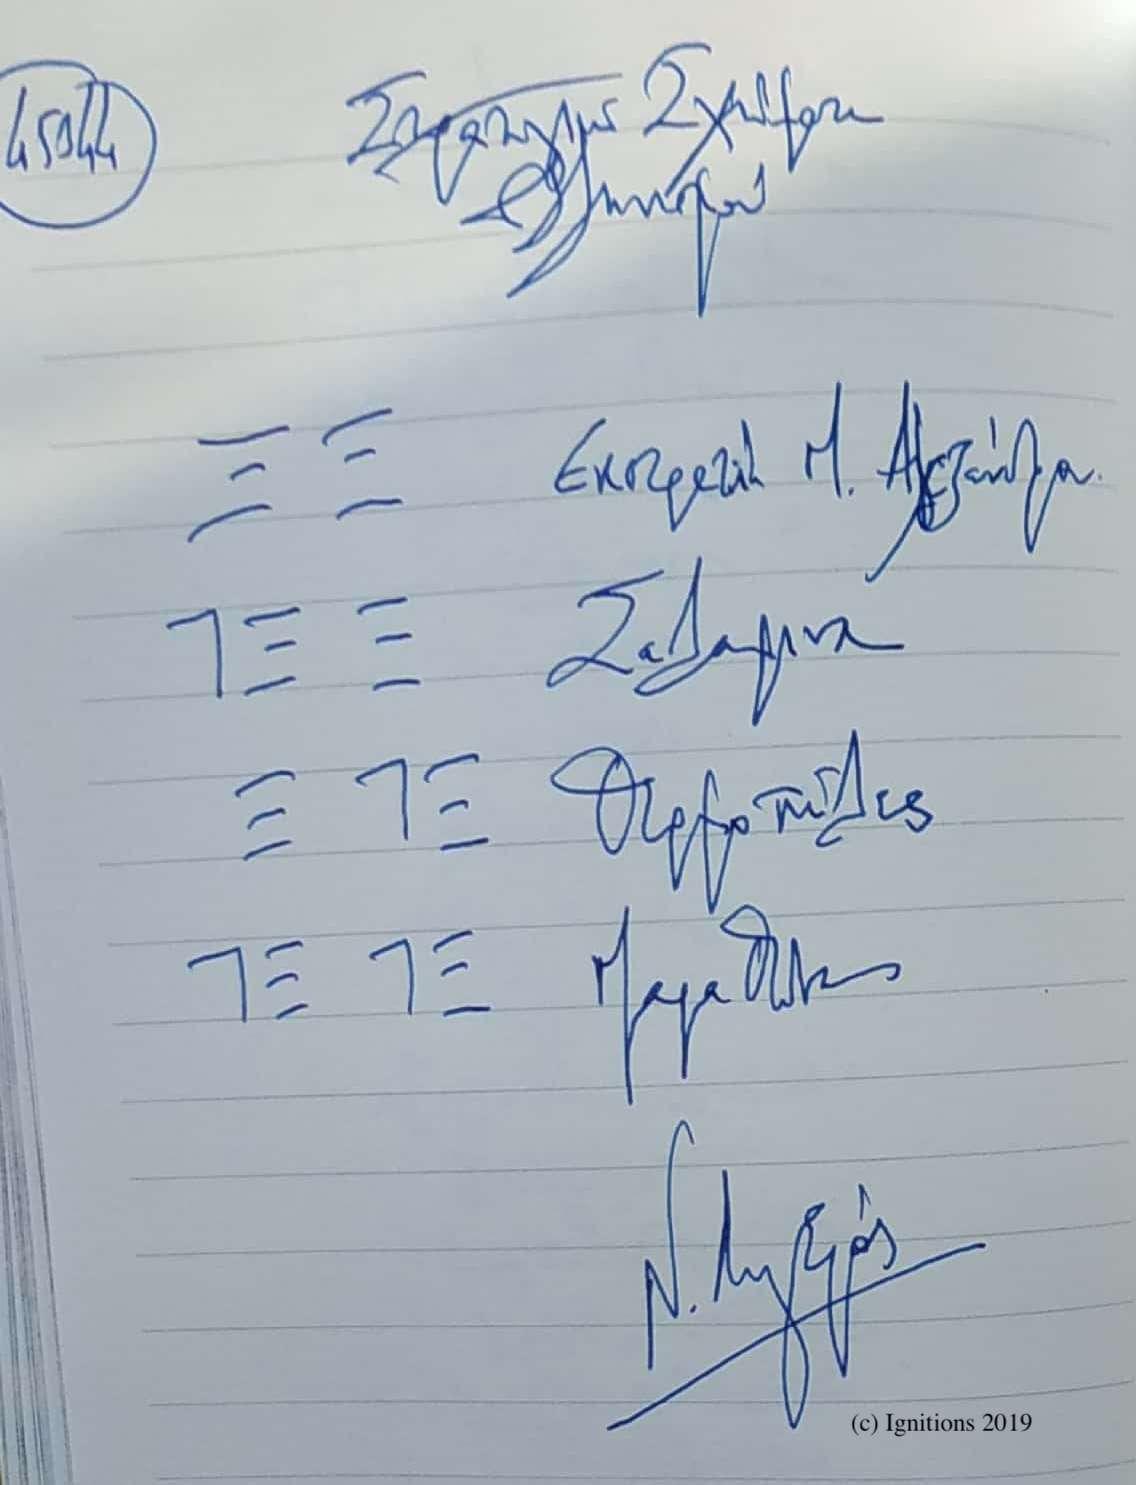 Στρατηγικά Σχήματα Ελληνισμού. (Dessin)